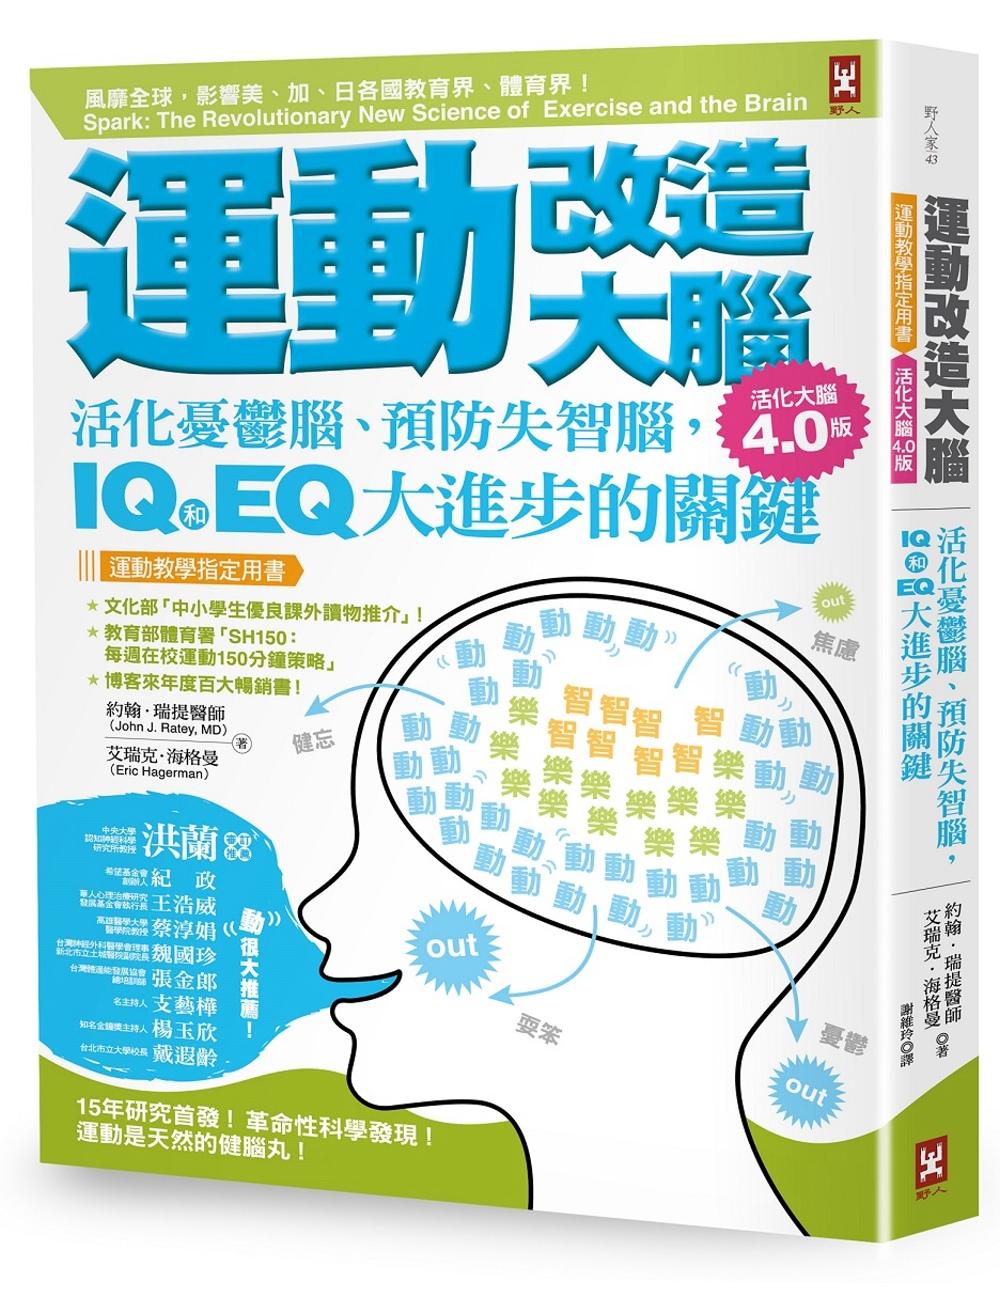 運動改造大腦:活化憂鬱腦、預防...